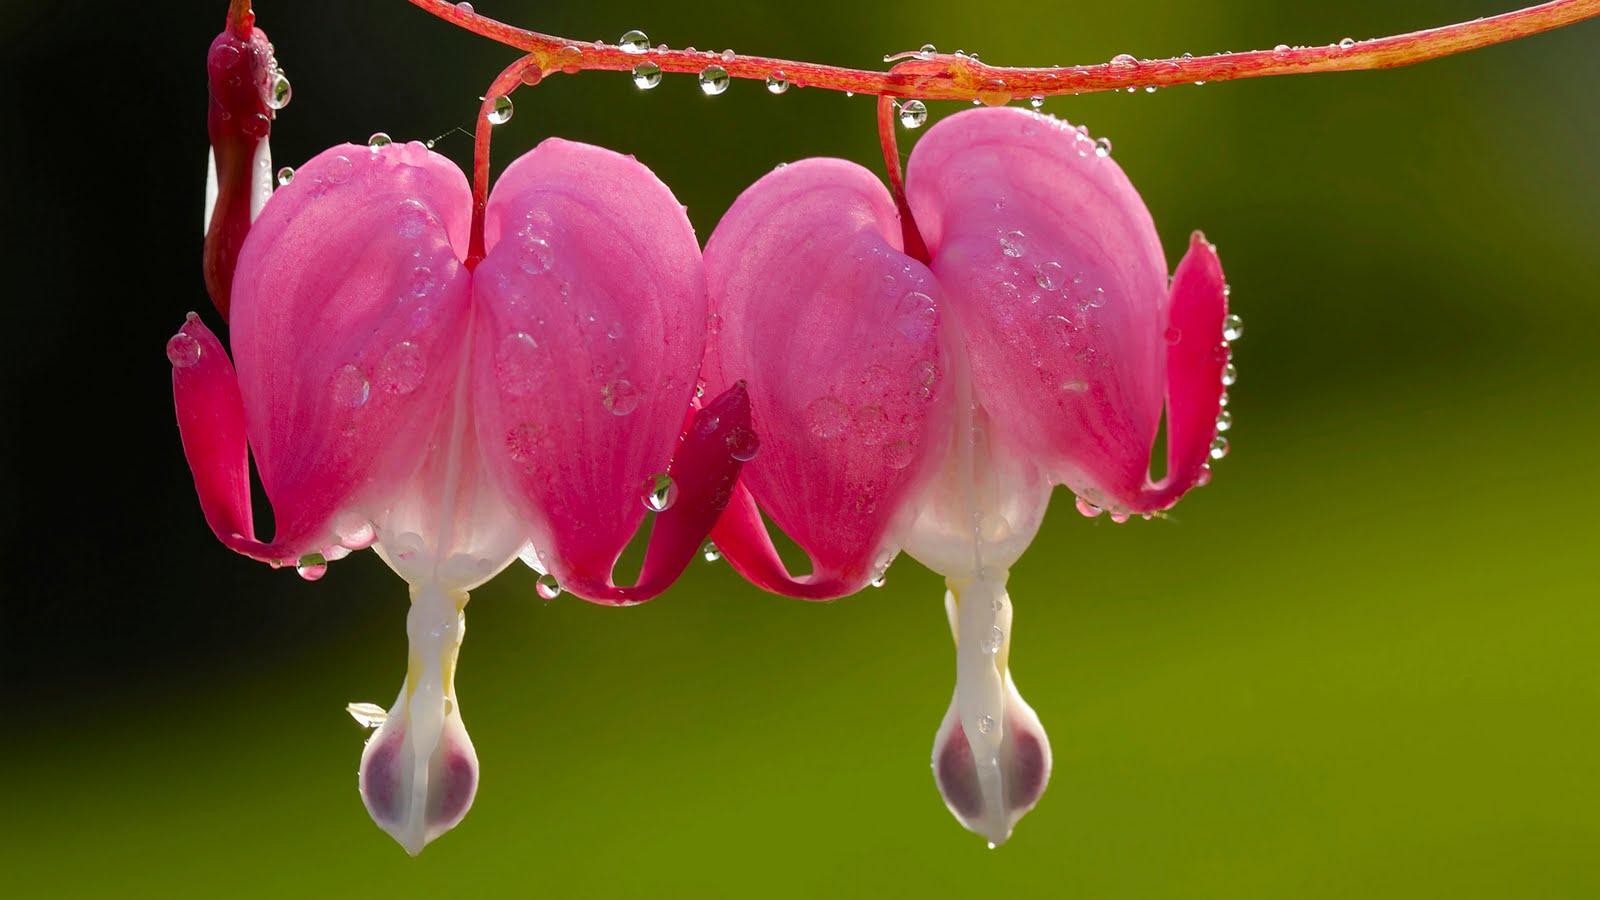 Imágenes de flores Botanical Online - Imagenes Flores De Jardin